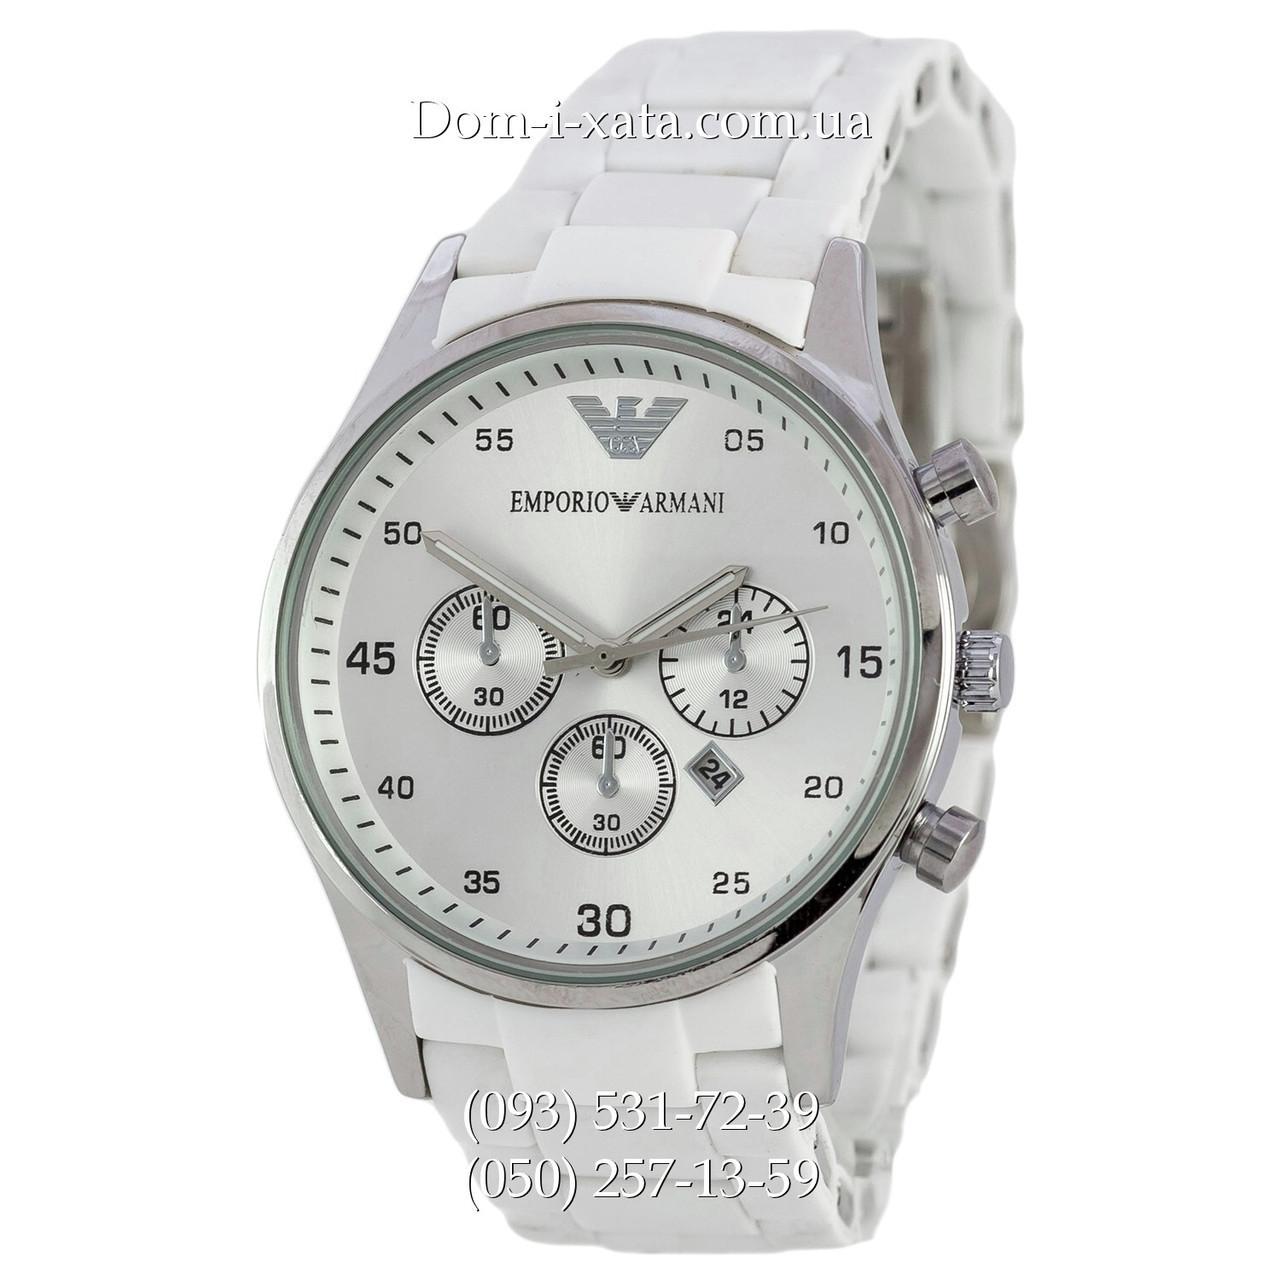 Мужские часы Emporio Armani white-silver, элитные часы Эмпорио Армани белый-серебро, реплика, отличное качество!